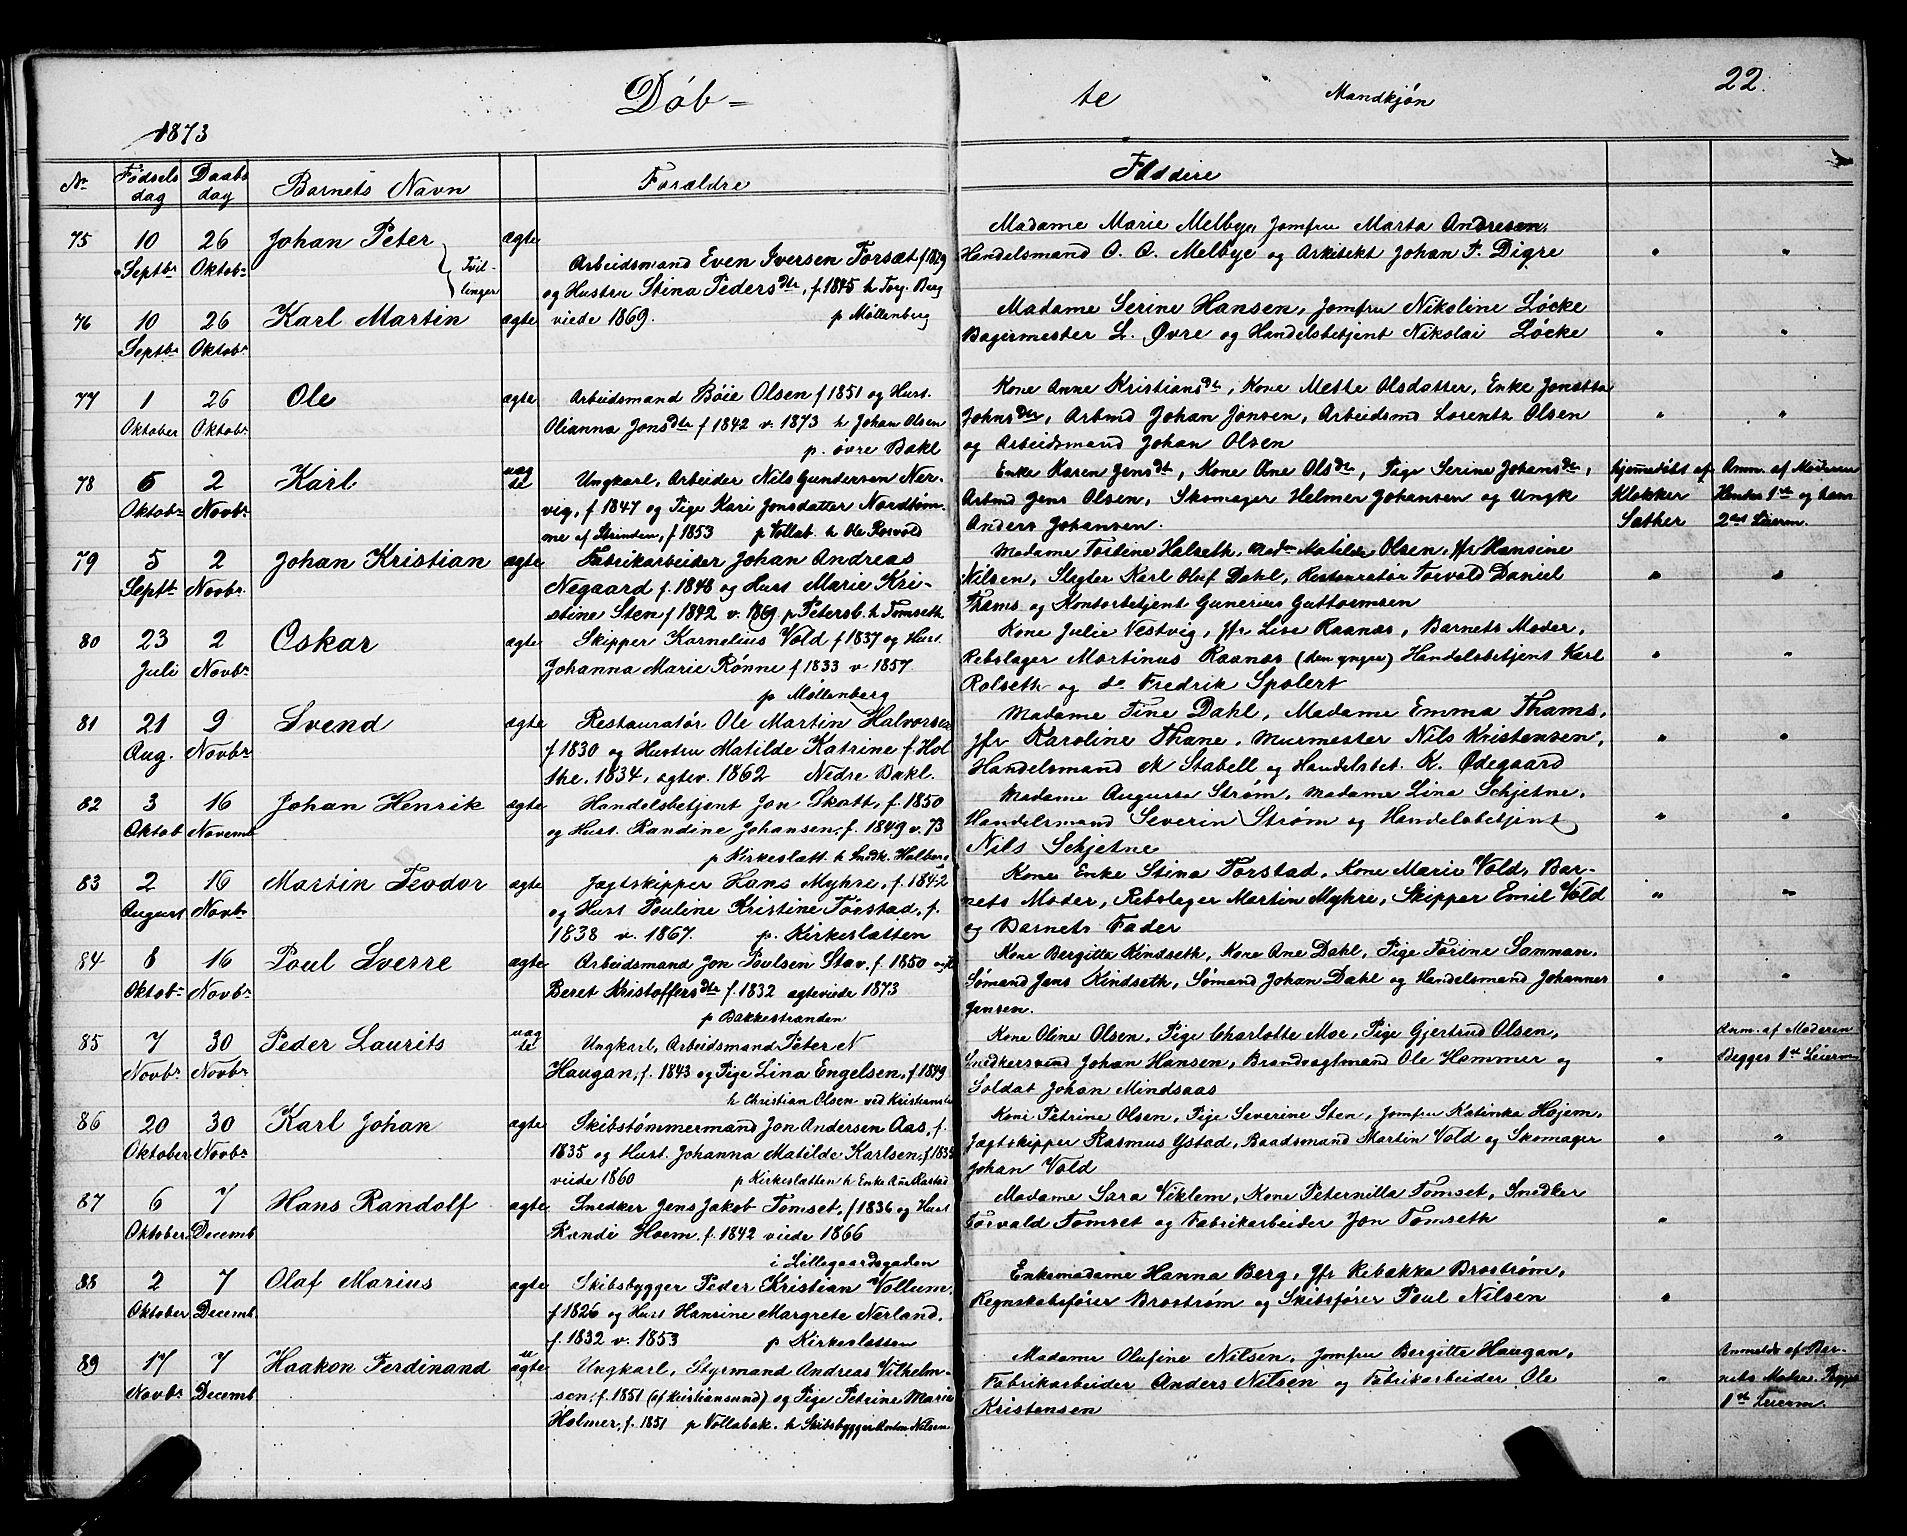 SAT, Ministerialprotokoller, klokkerbøker og fødselsregistre - Sør-Trøndelag, 604/L0220: Klokkerbok nr. 604C03, 1870-1885, s. 22